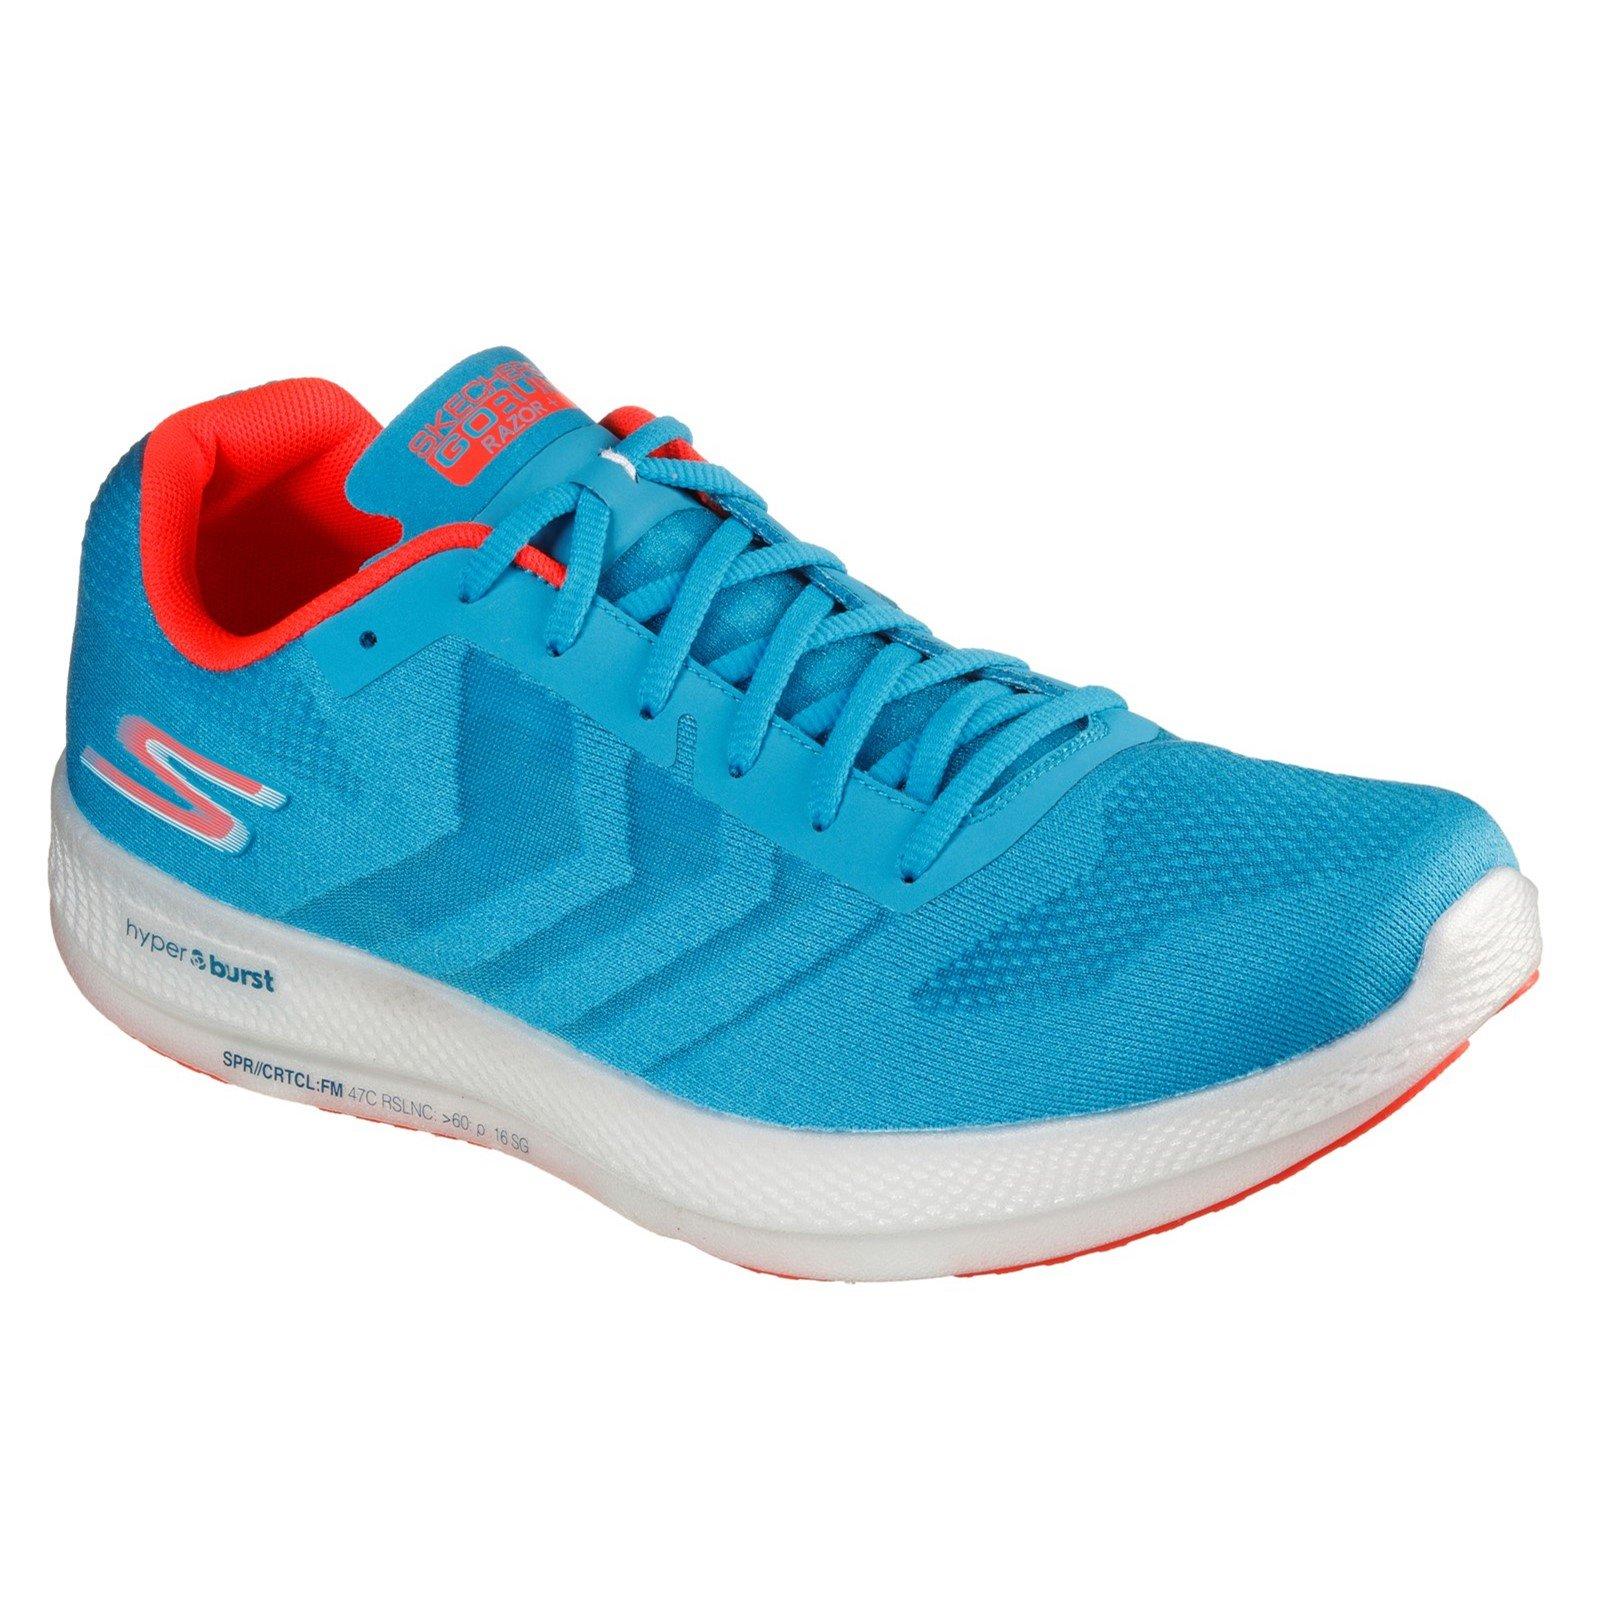 Skechers Men's Go Run Razor Trainer Multicolor 32699 - Blue/Coral 11